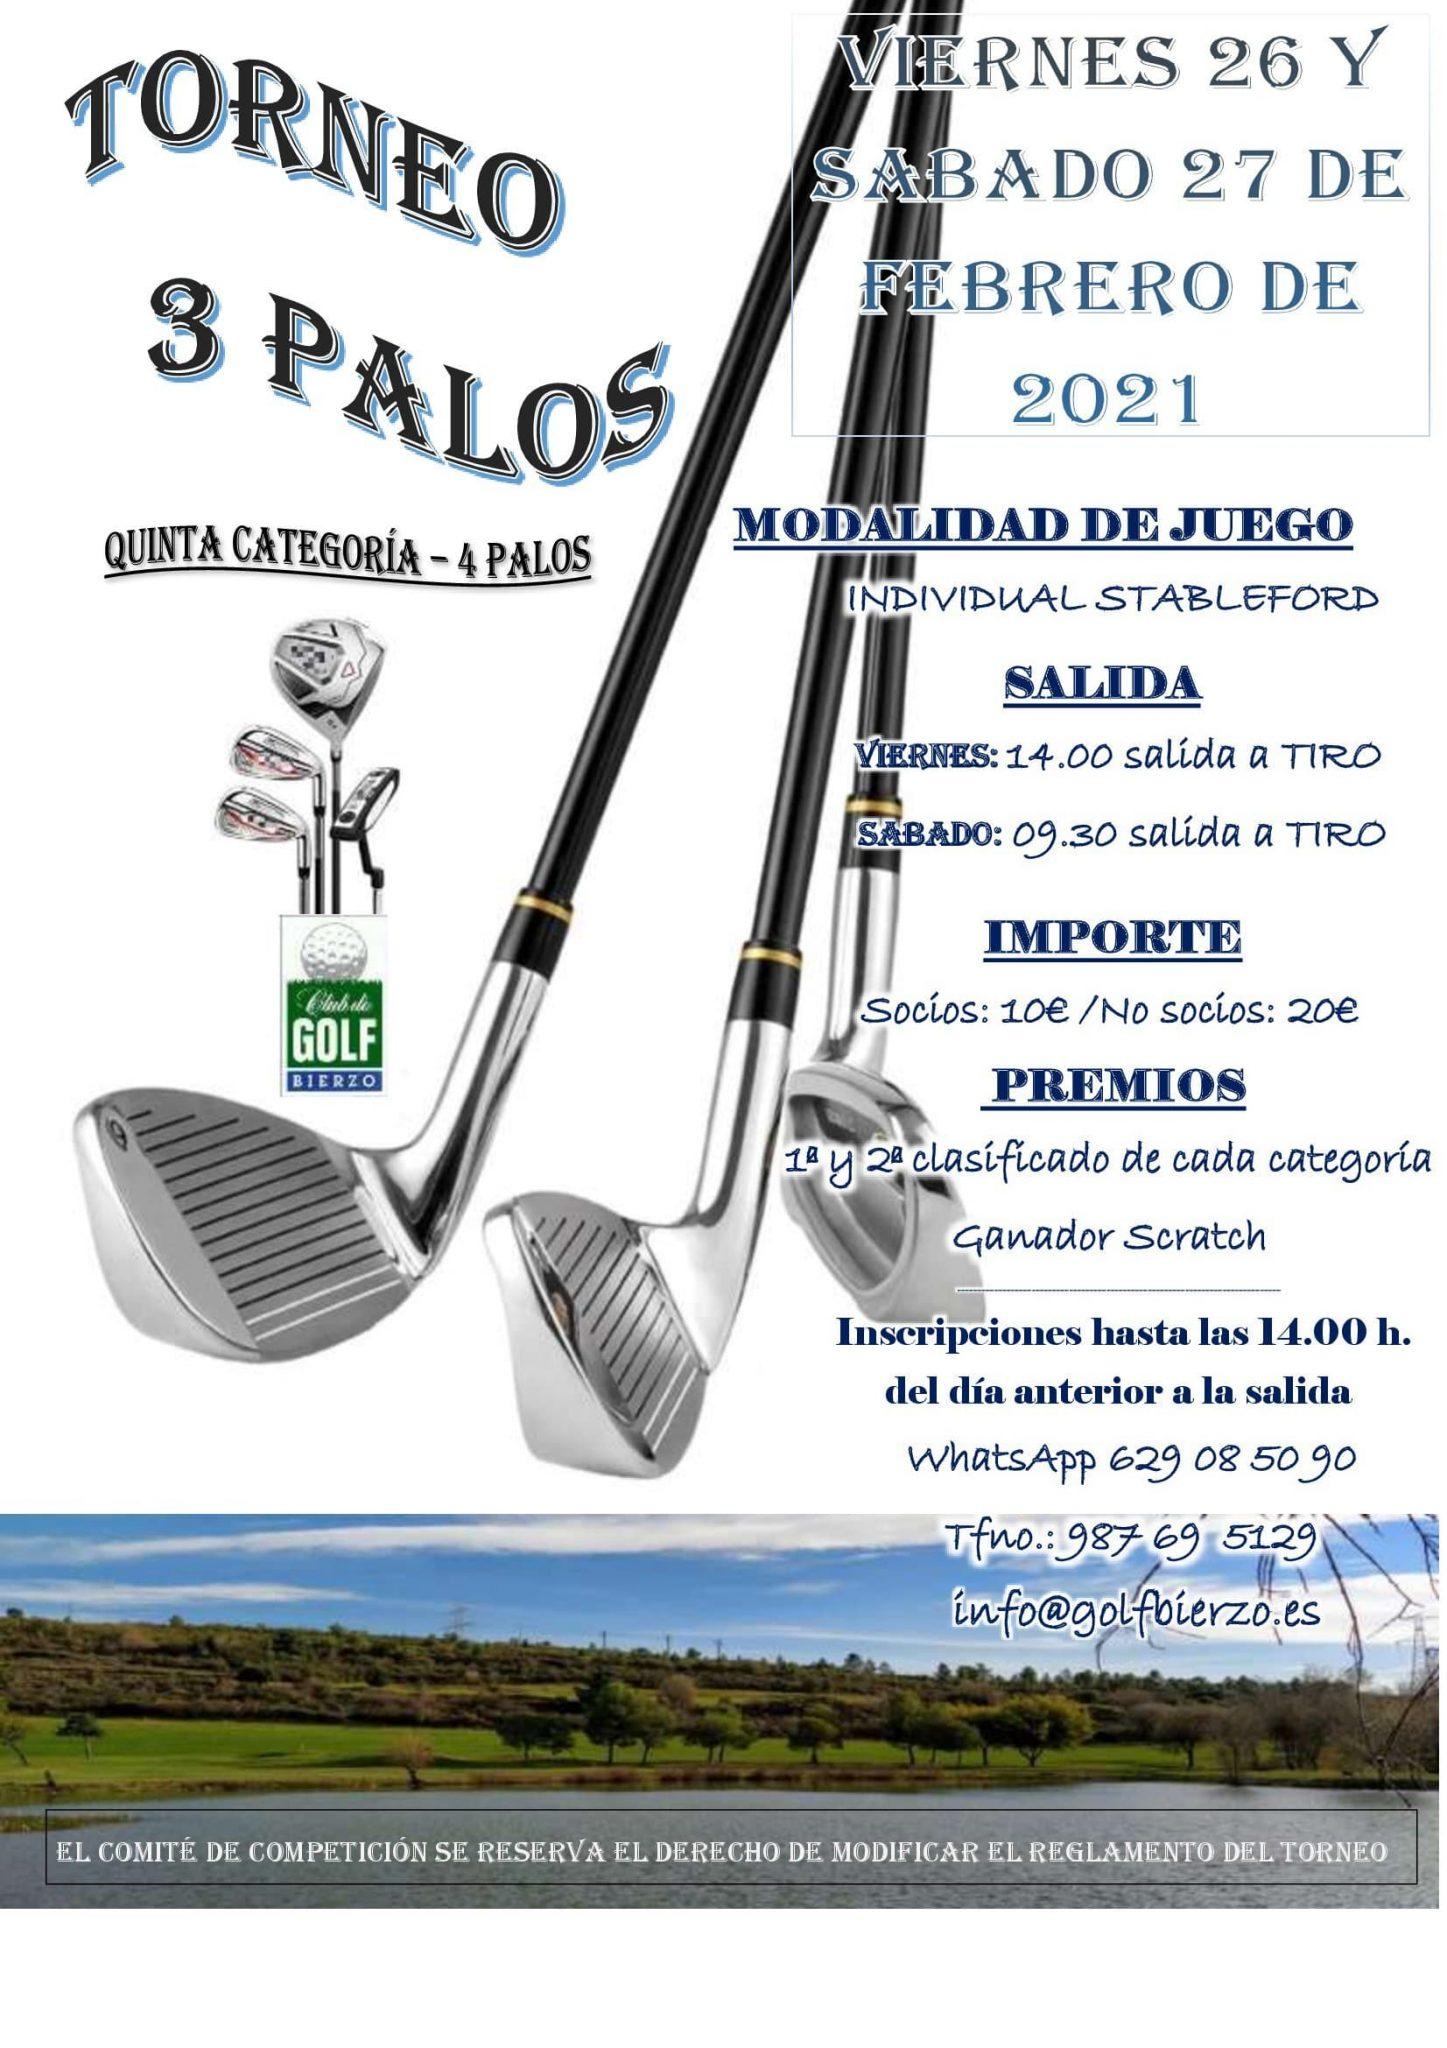 Torneo de golf 3 palos en el Club de Golf Bierzo 2